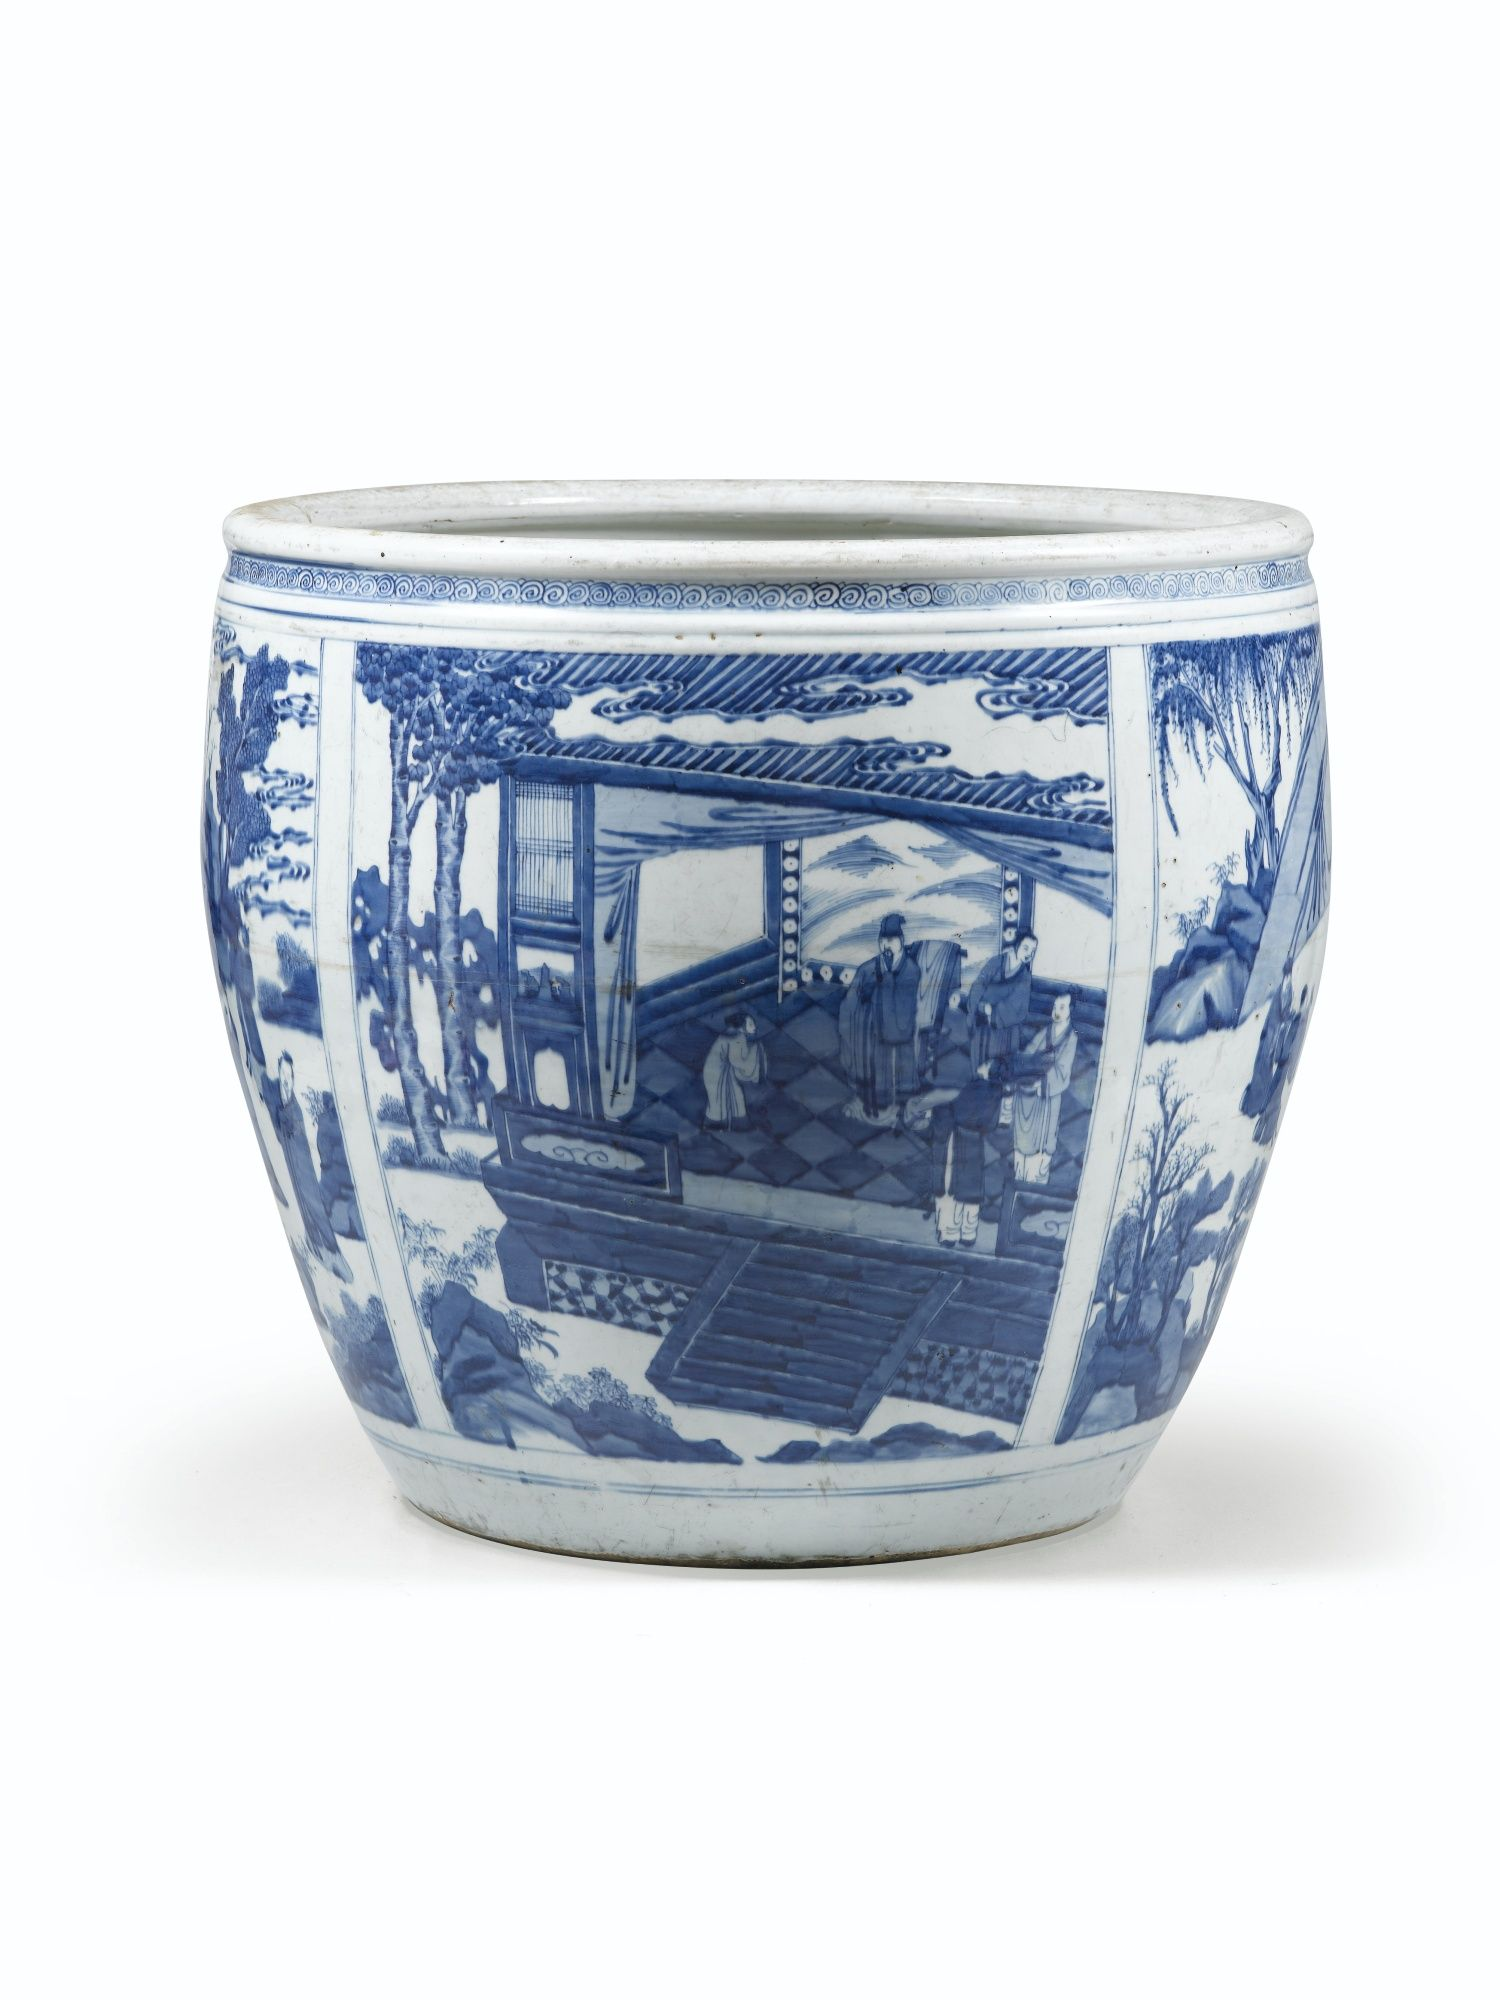 vasque en porcelaine Grande vasque en porcelaine bleu blanc Dynastie Qing, époque Kangxi